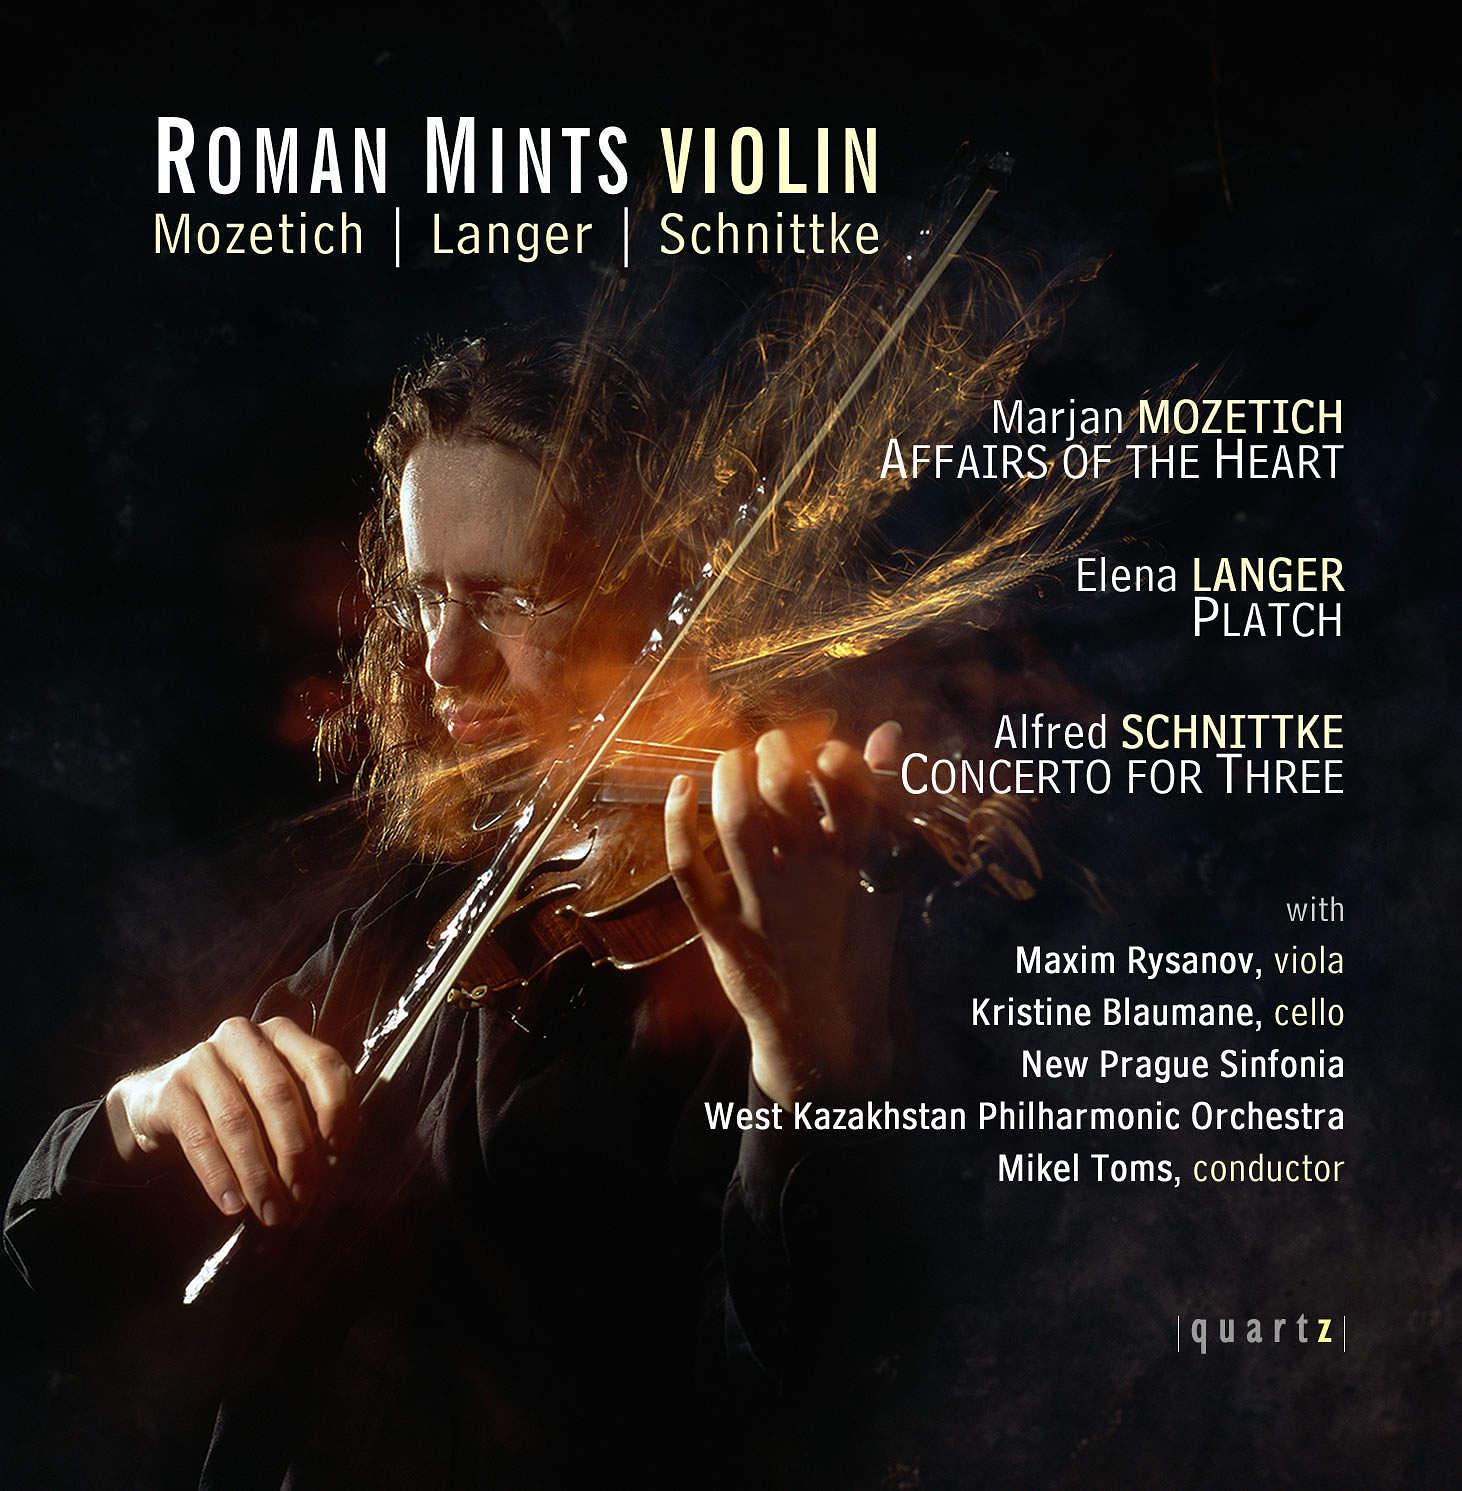 Mozetich | Langer | Schnittke